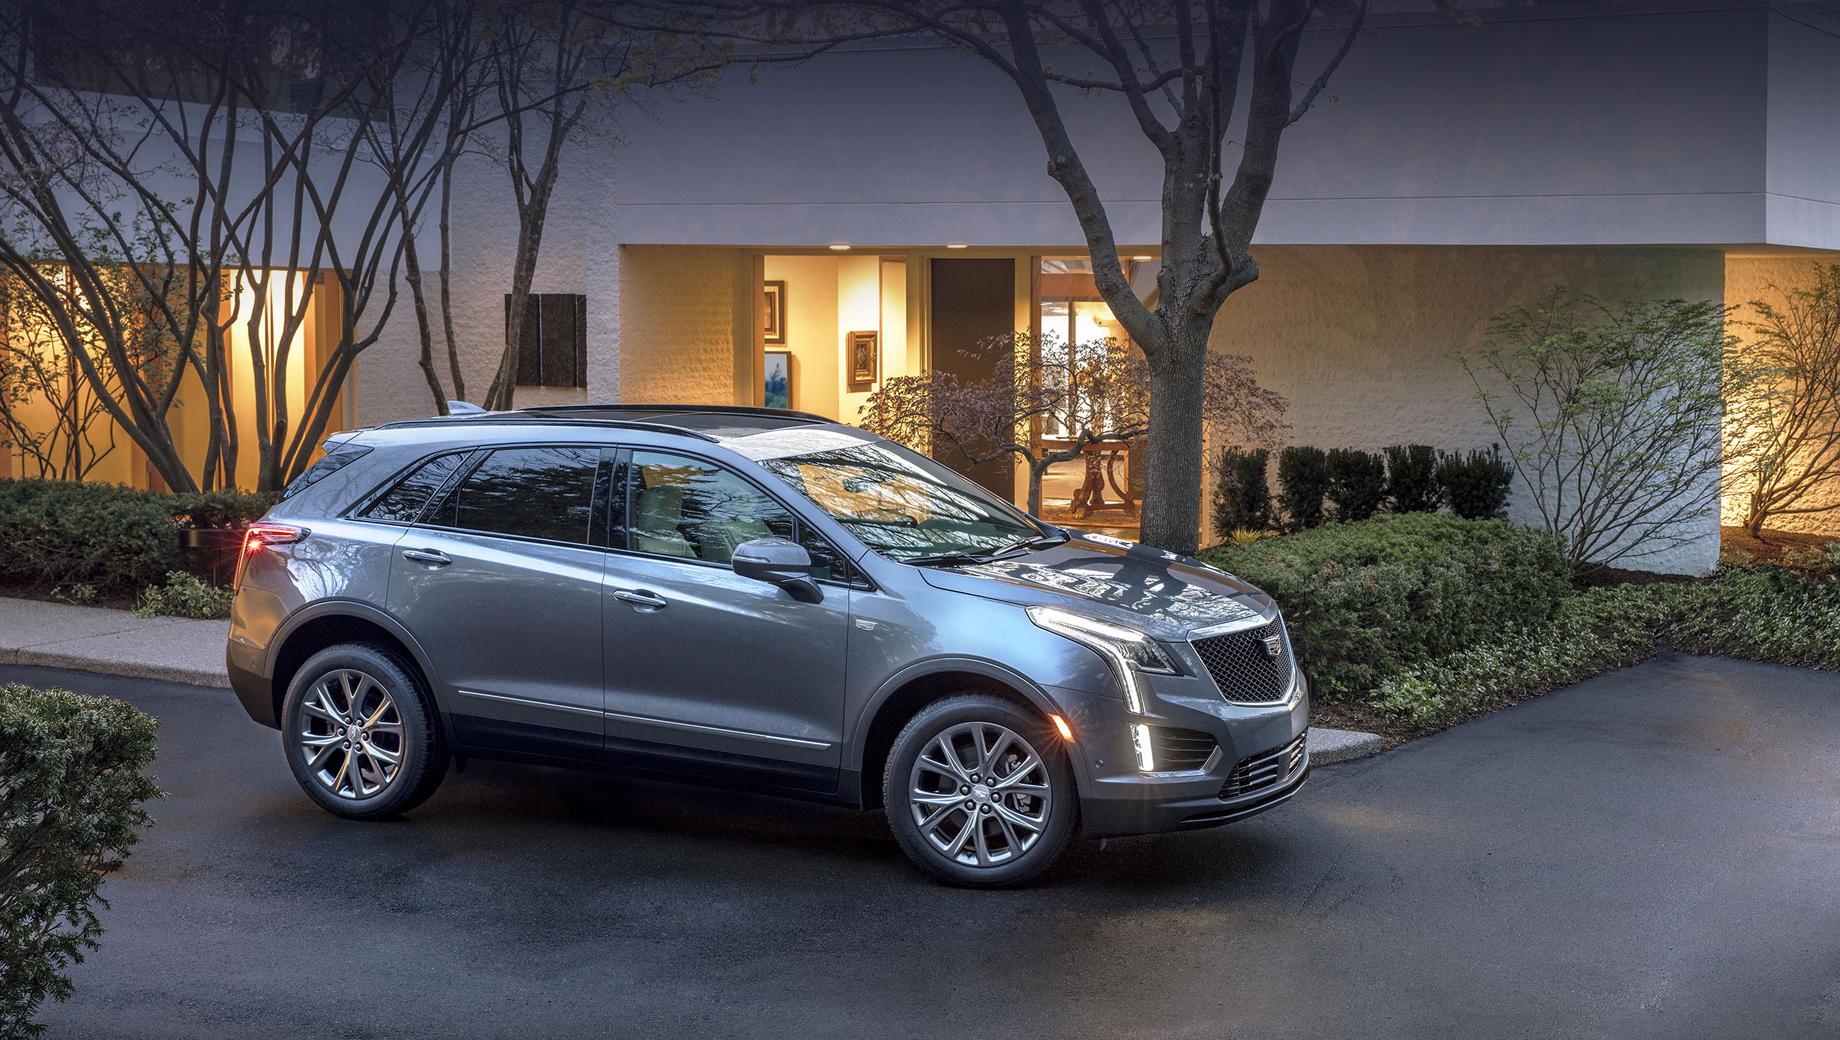 Cadillac ev,Cadillac xt5. Паркетник Cadillac XT5 пребывает в первом поколении и только в 2019-м прошёл рестайлинг. А вот второе поколение, согласно изданию Cadillac Society, в серийном виде будет показано в 2022-м, и будет оно электрокаром.